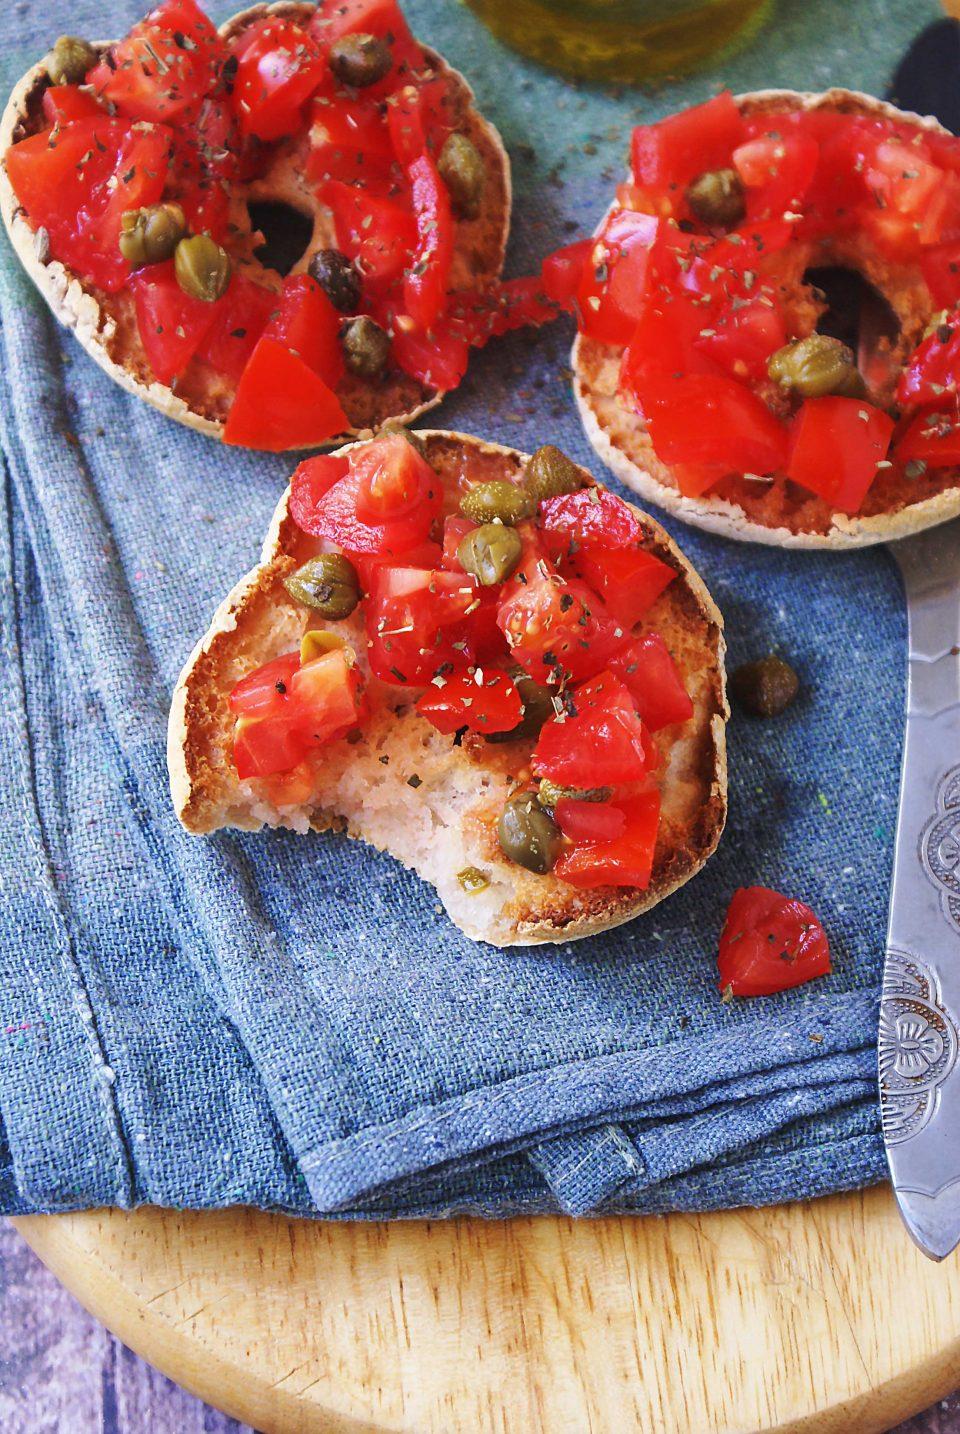 Friselle senza glutine fatte in casa con pomodorini, capperi e origano.